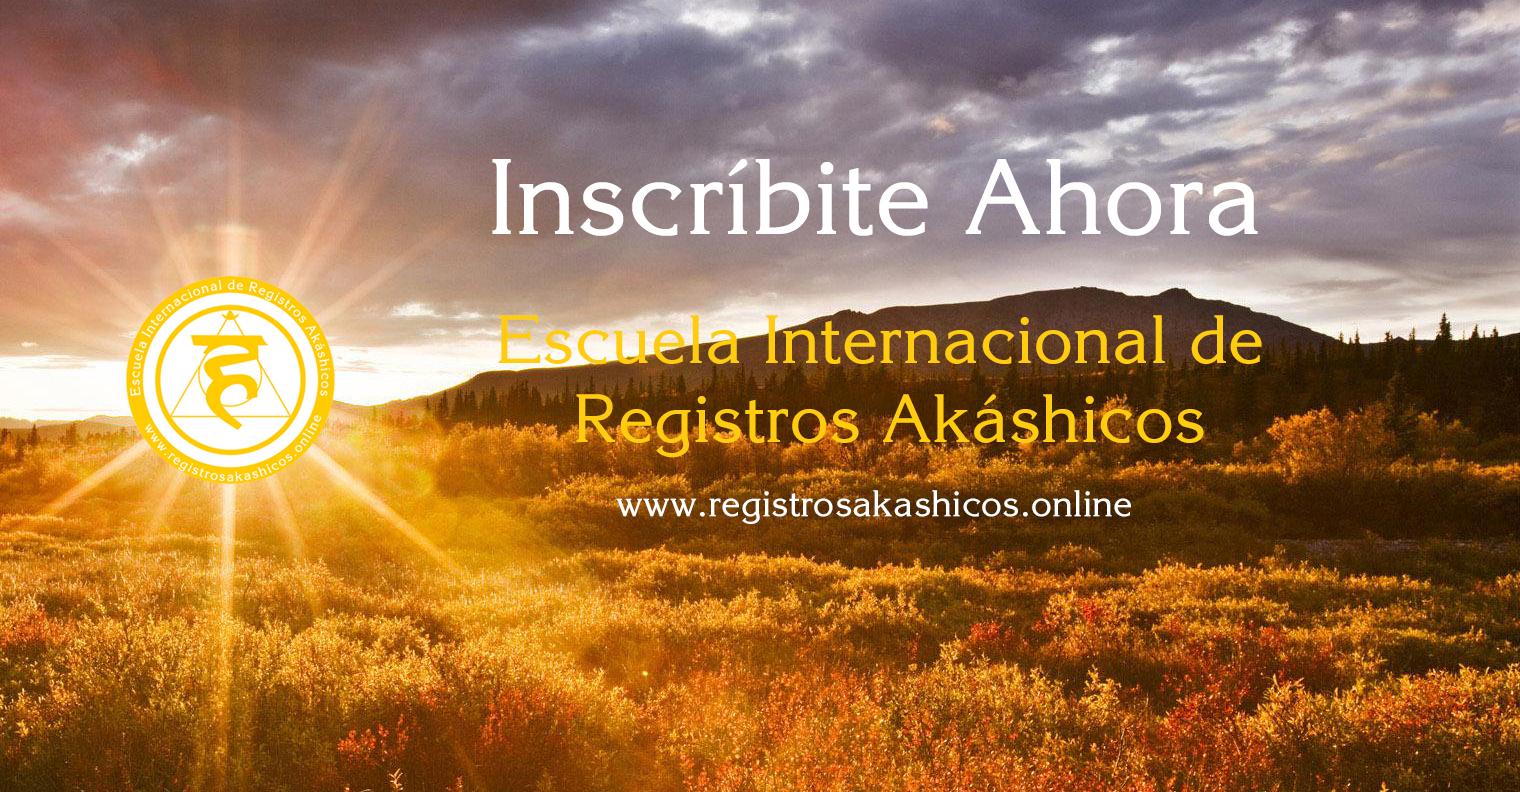 Resgistros Akashicos Online